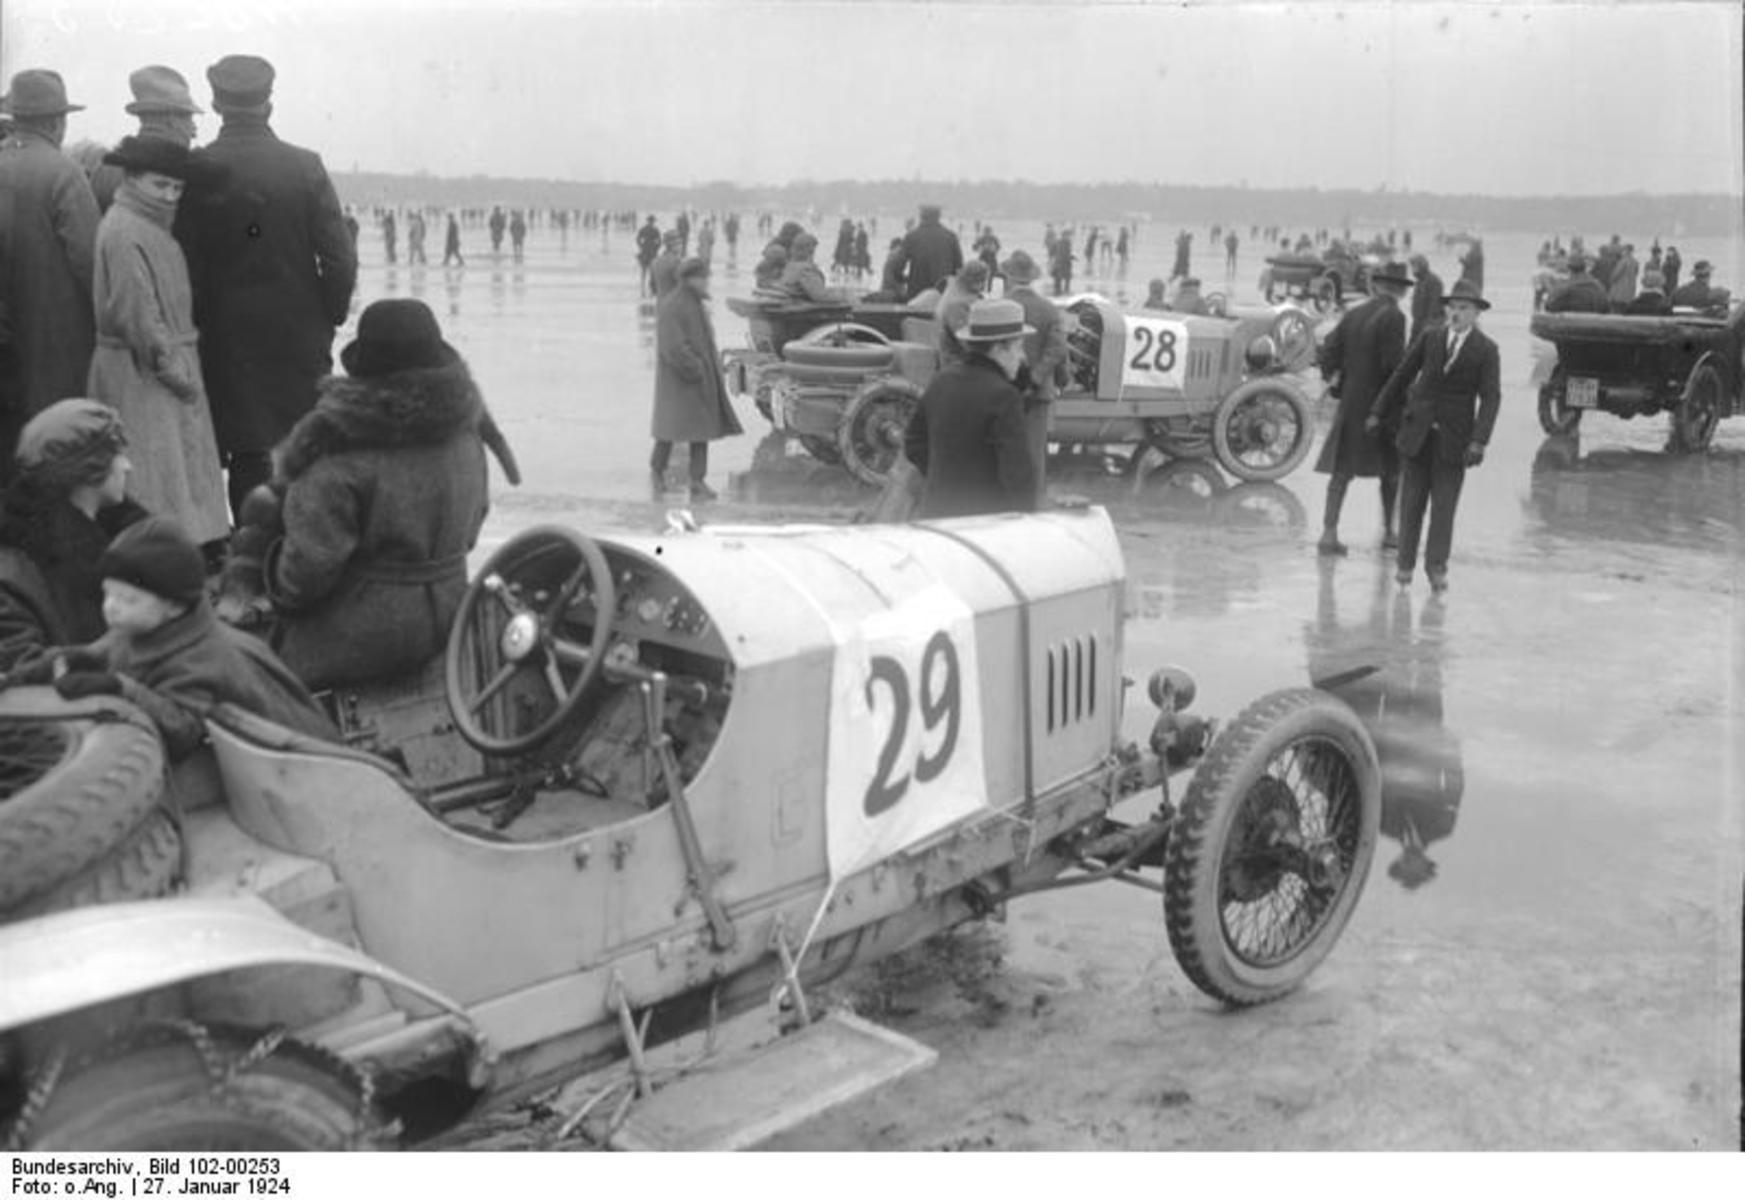 Bundesarchiv_Bild_102-00253,_Berlin,_Motorrennen_auf_dem_Wannsee.jpg